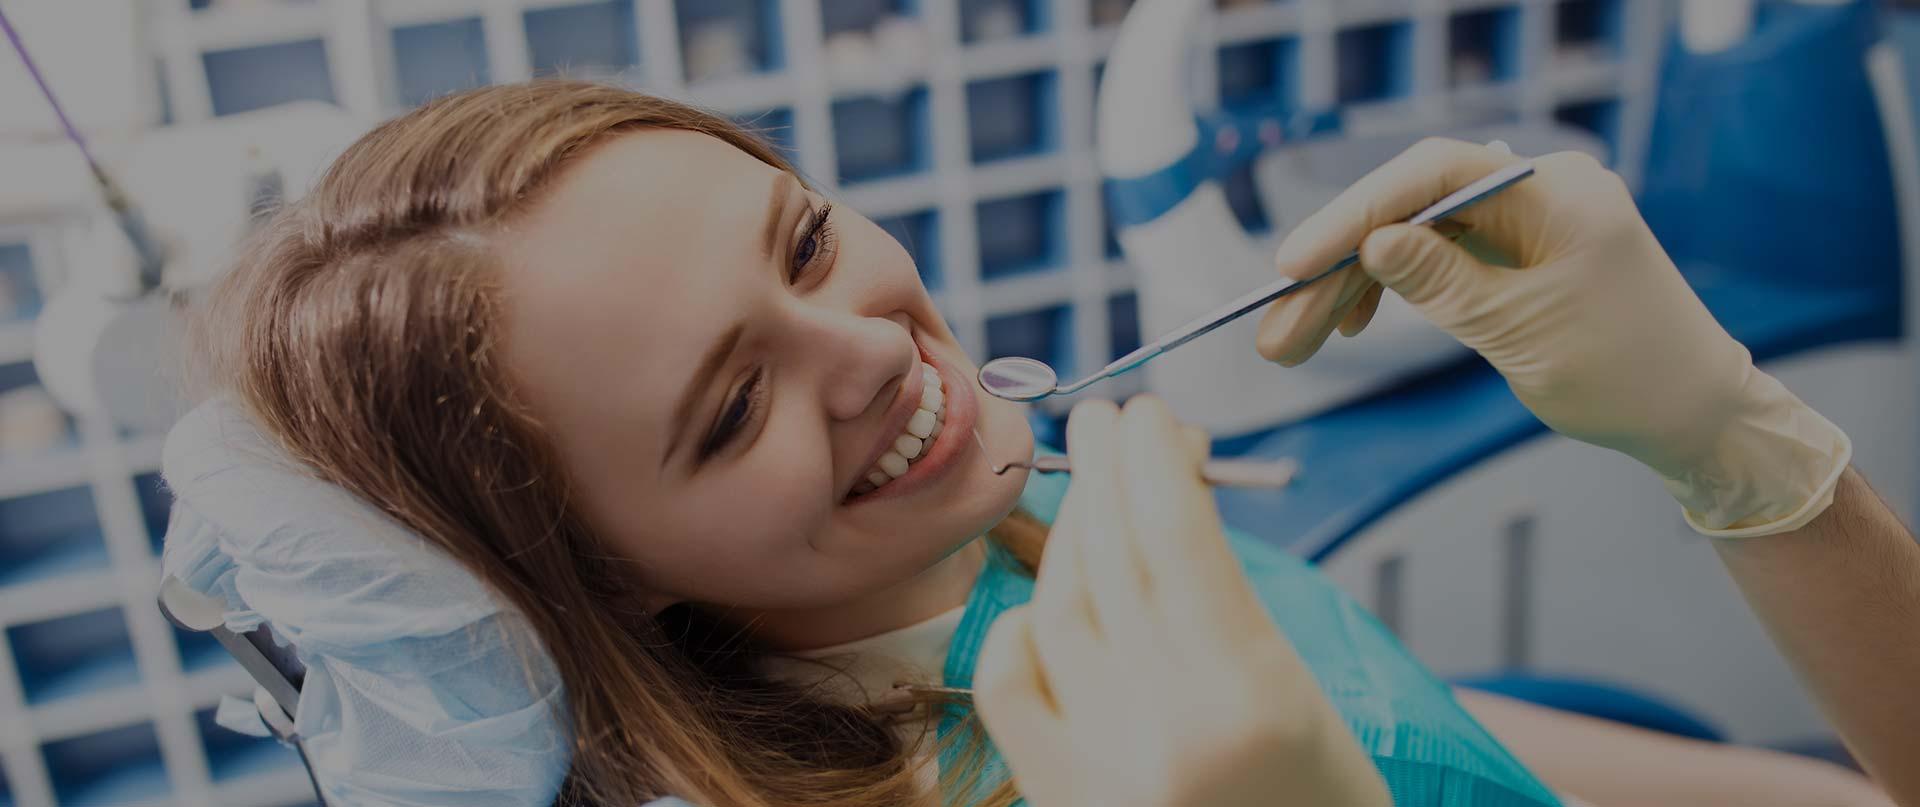 Odontologia de Qualidade